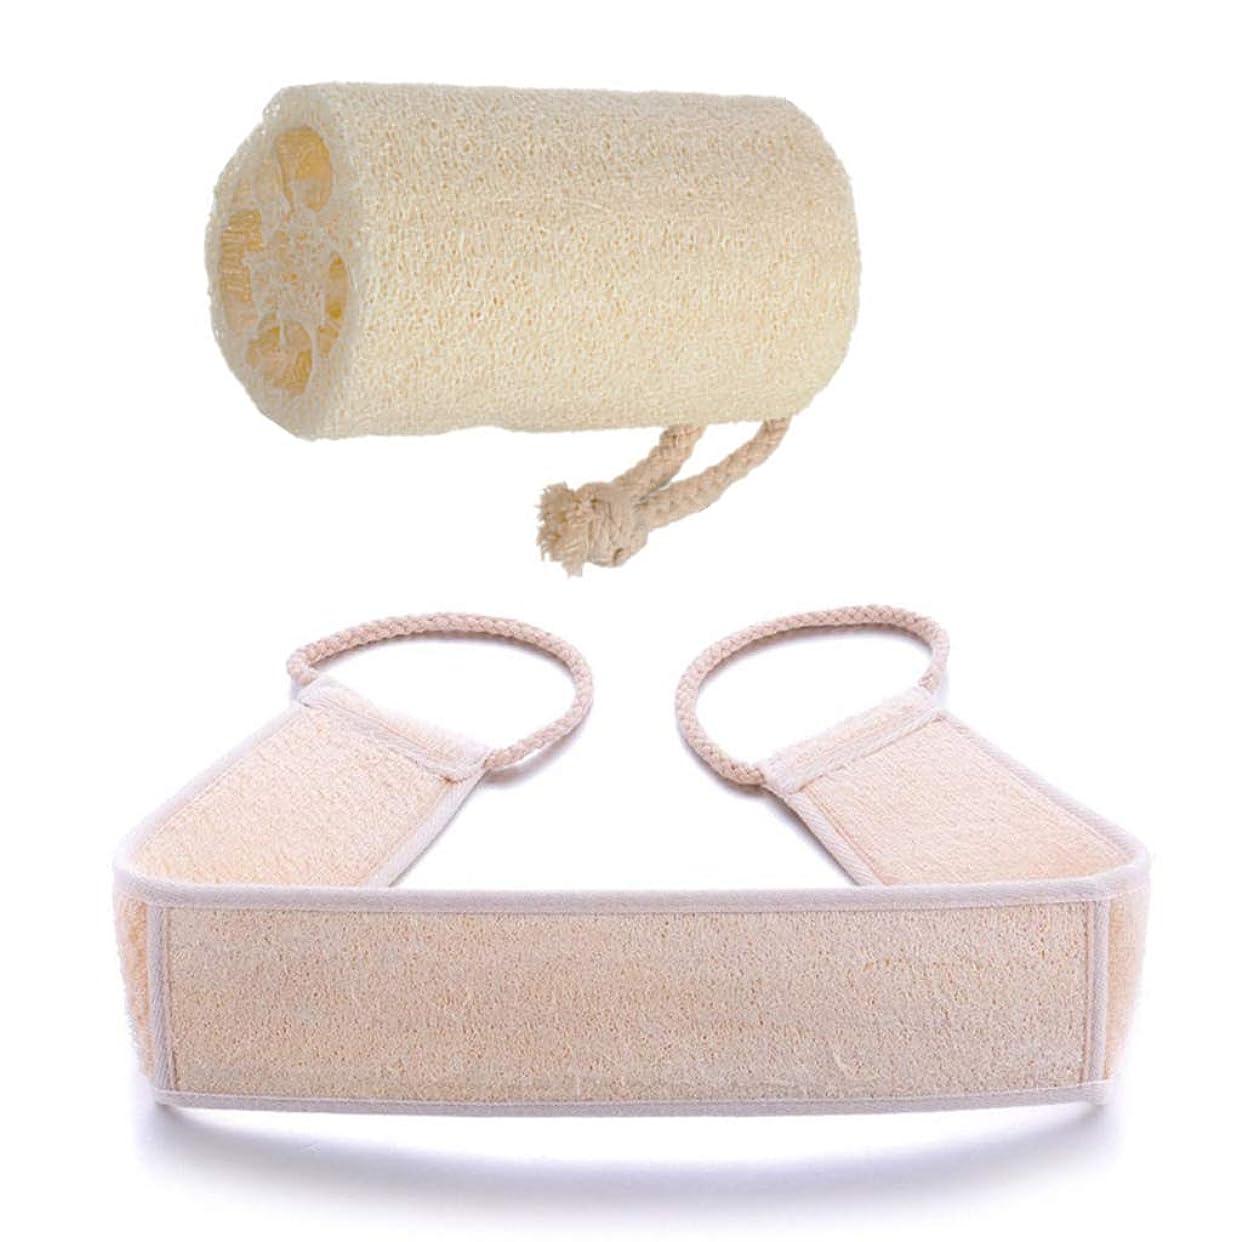 新しさカスタム行進shengo 天然ヘチマ ボディースポンジ シャワースポンジ へちま 2個セット 垢すりタオル お風呂グッズ バス 天然素材 両面用 美肌 血行促進 角質除去 男女兼用